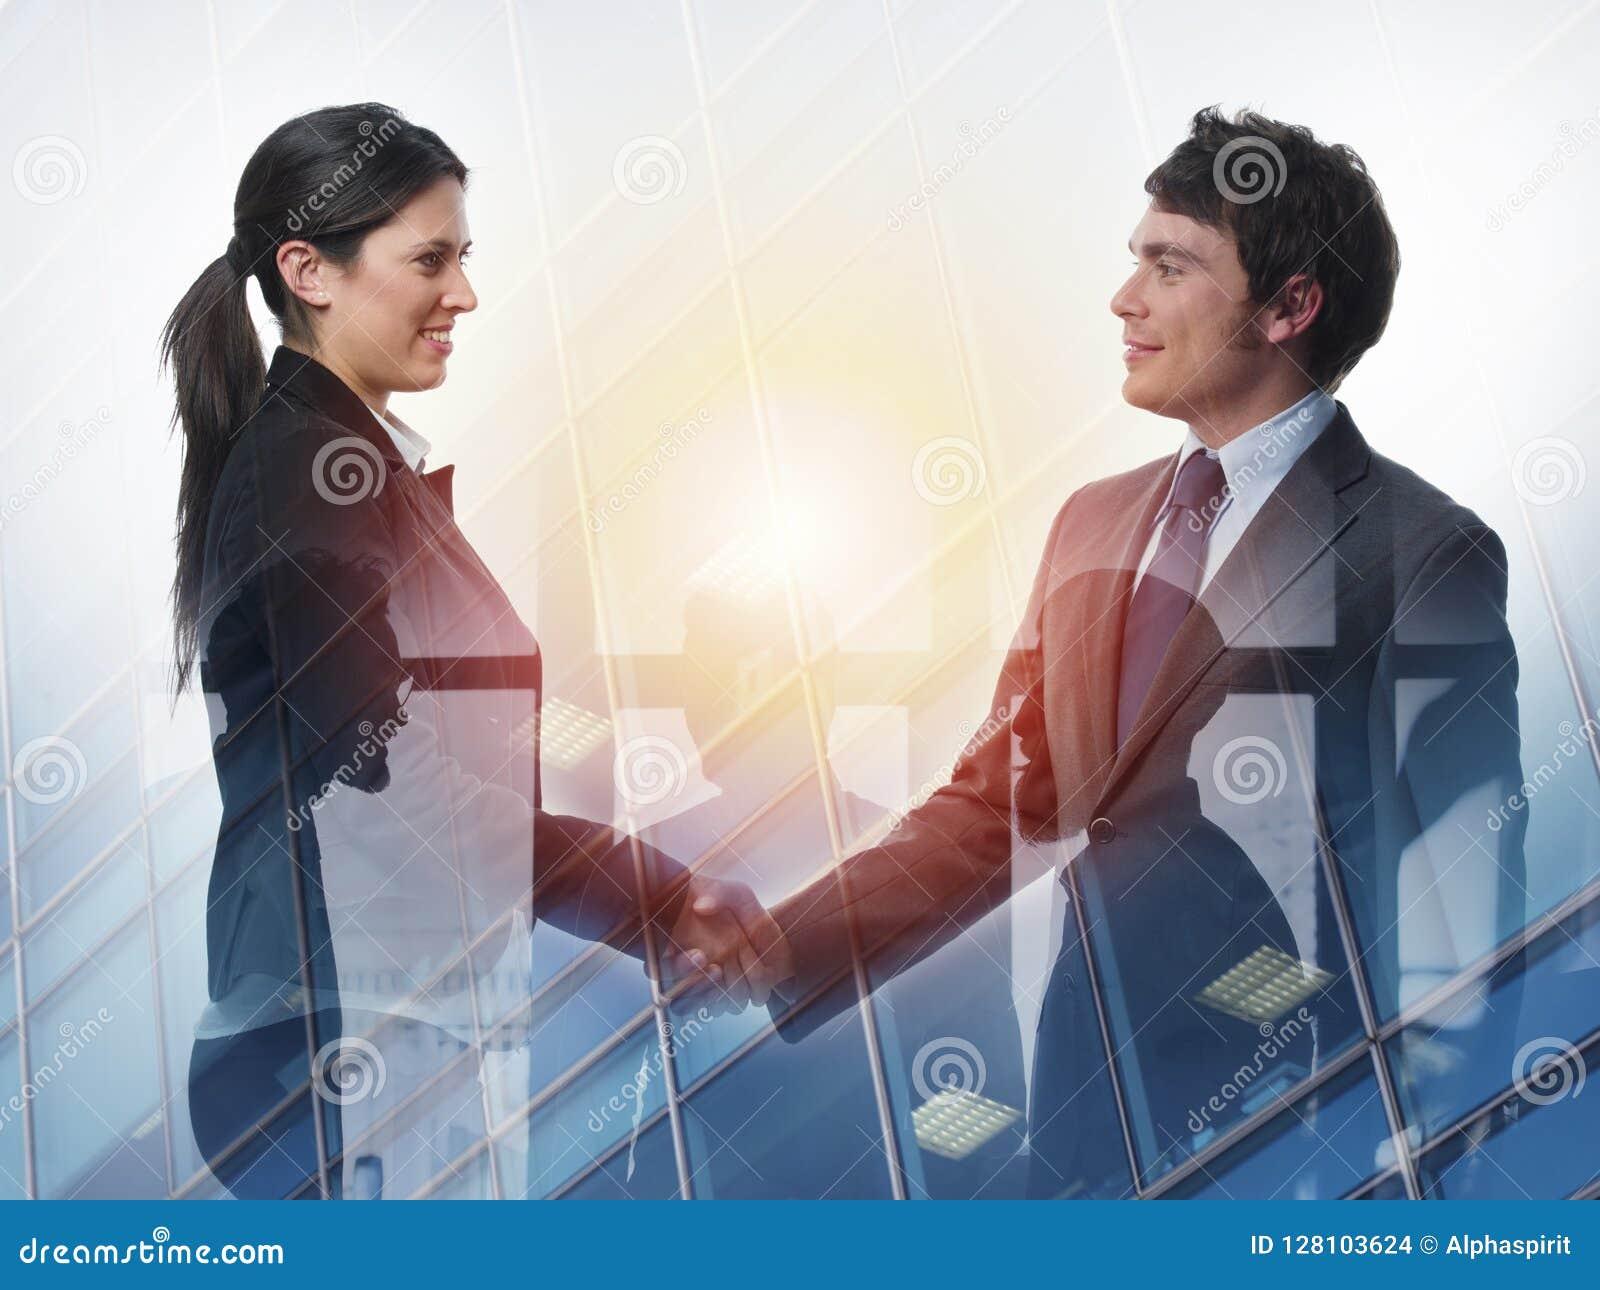 Handskakning av begreppet för två businessperson i regeringsställning av partnerskap och teamwork dubbel exponering